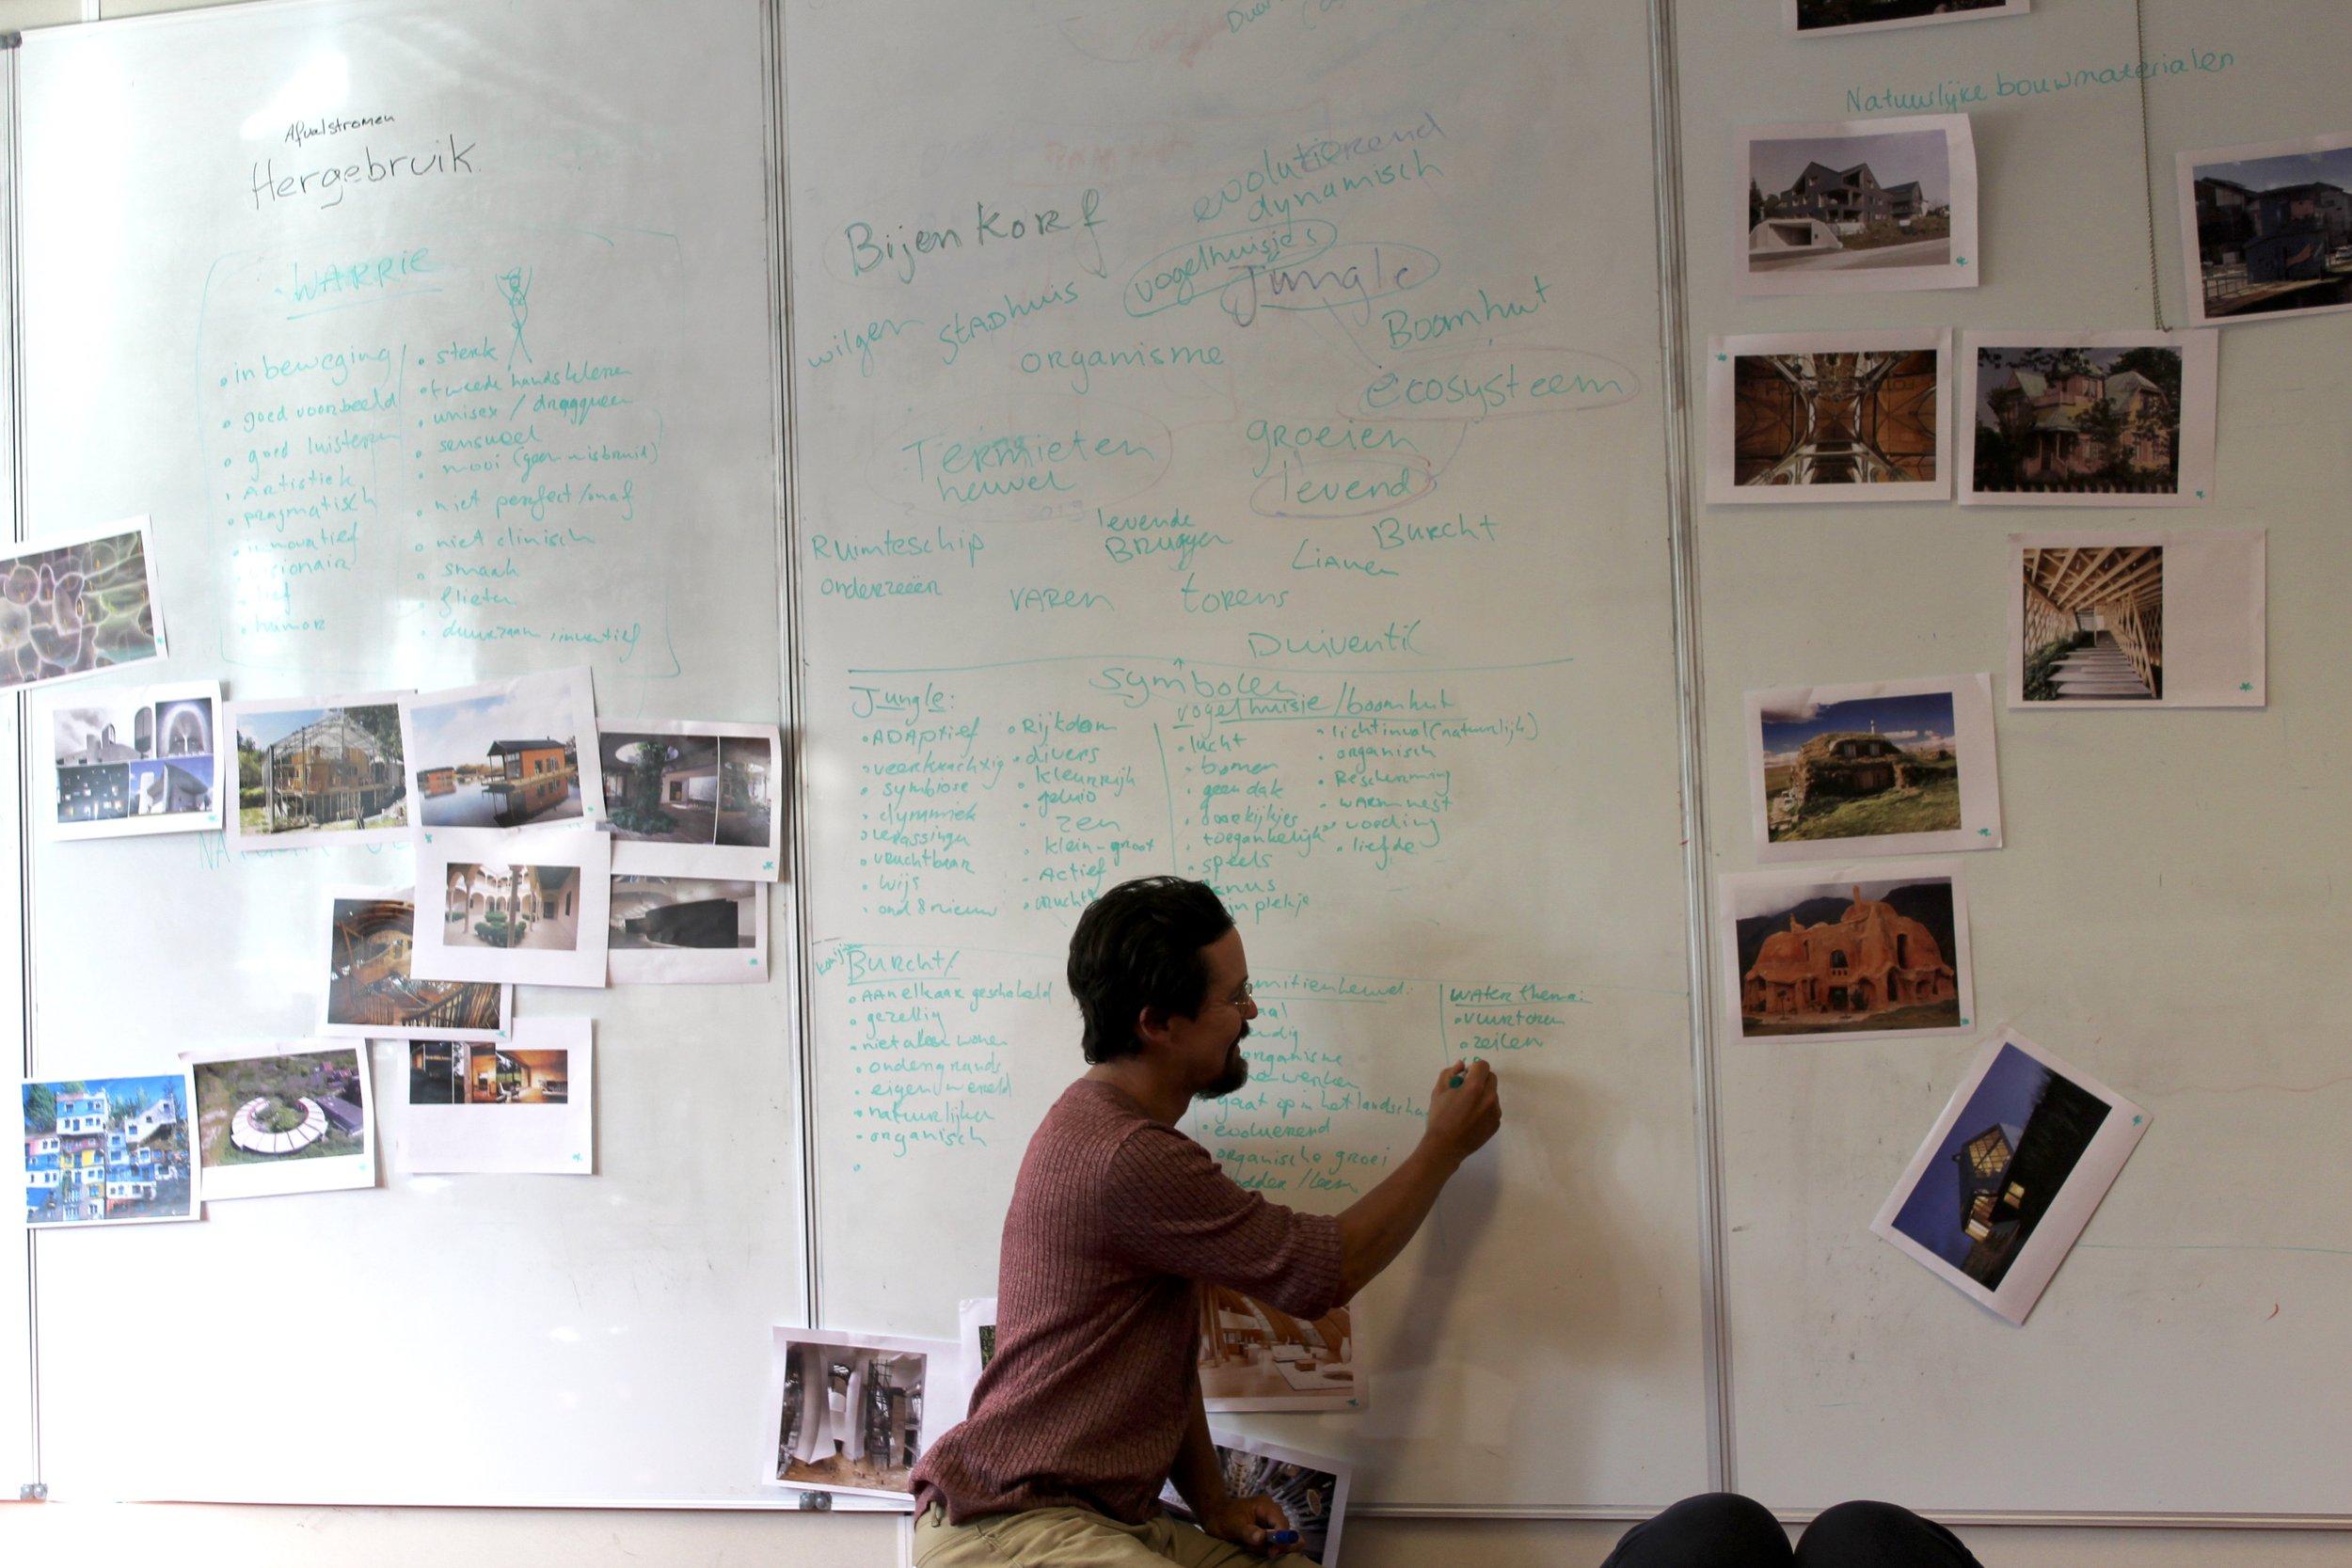 In 7 ontwerpsessies naar een voorlopig ontwerp met 50 mensen (c) Winona Boomkens